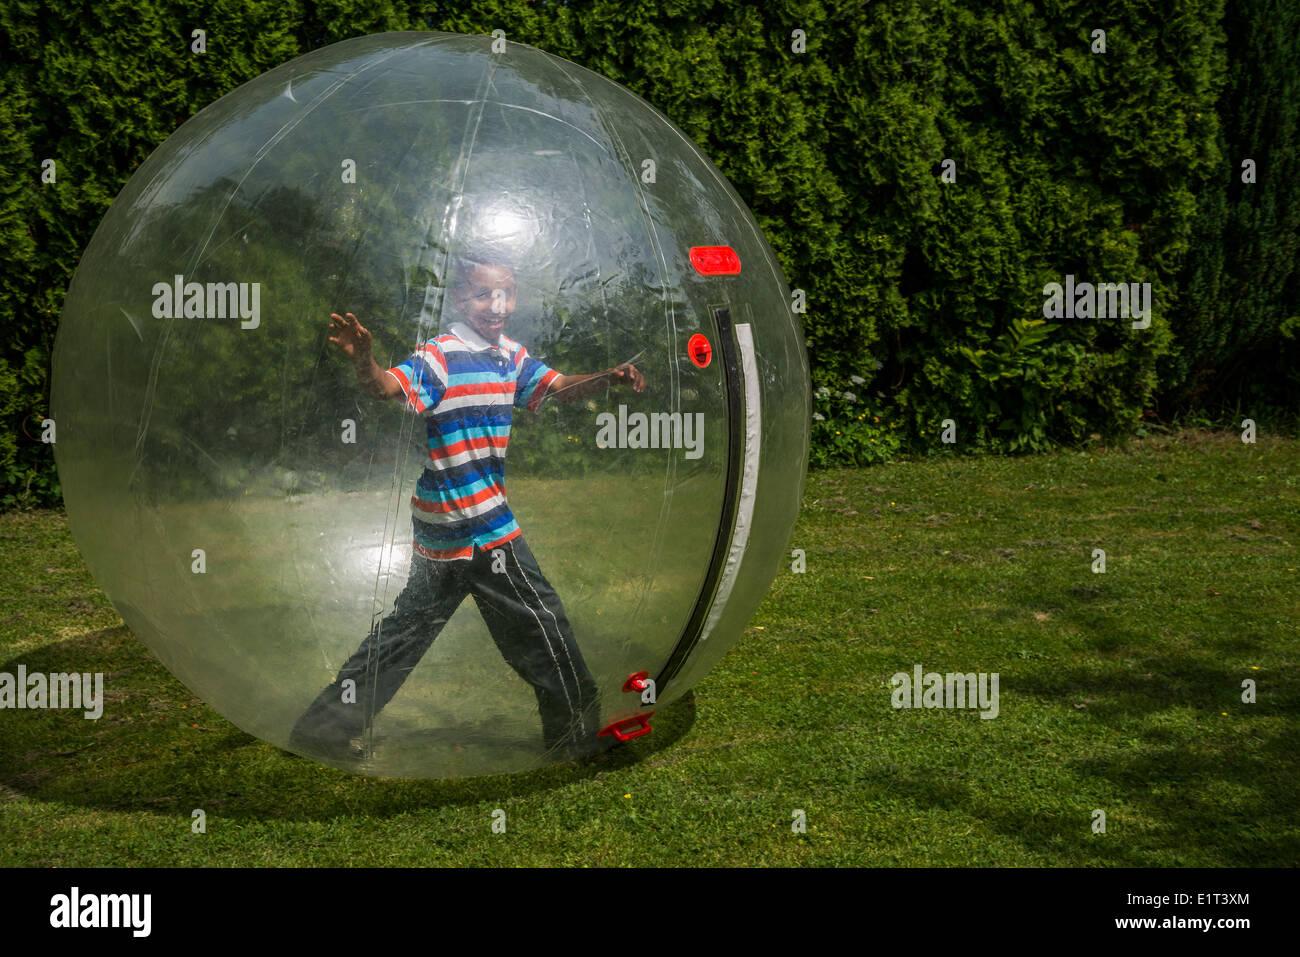 Bola de niño en una burbuja. Imagen De Stock